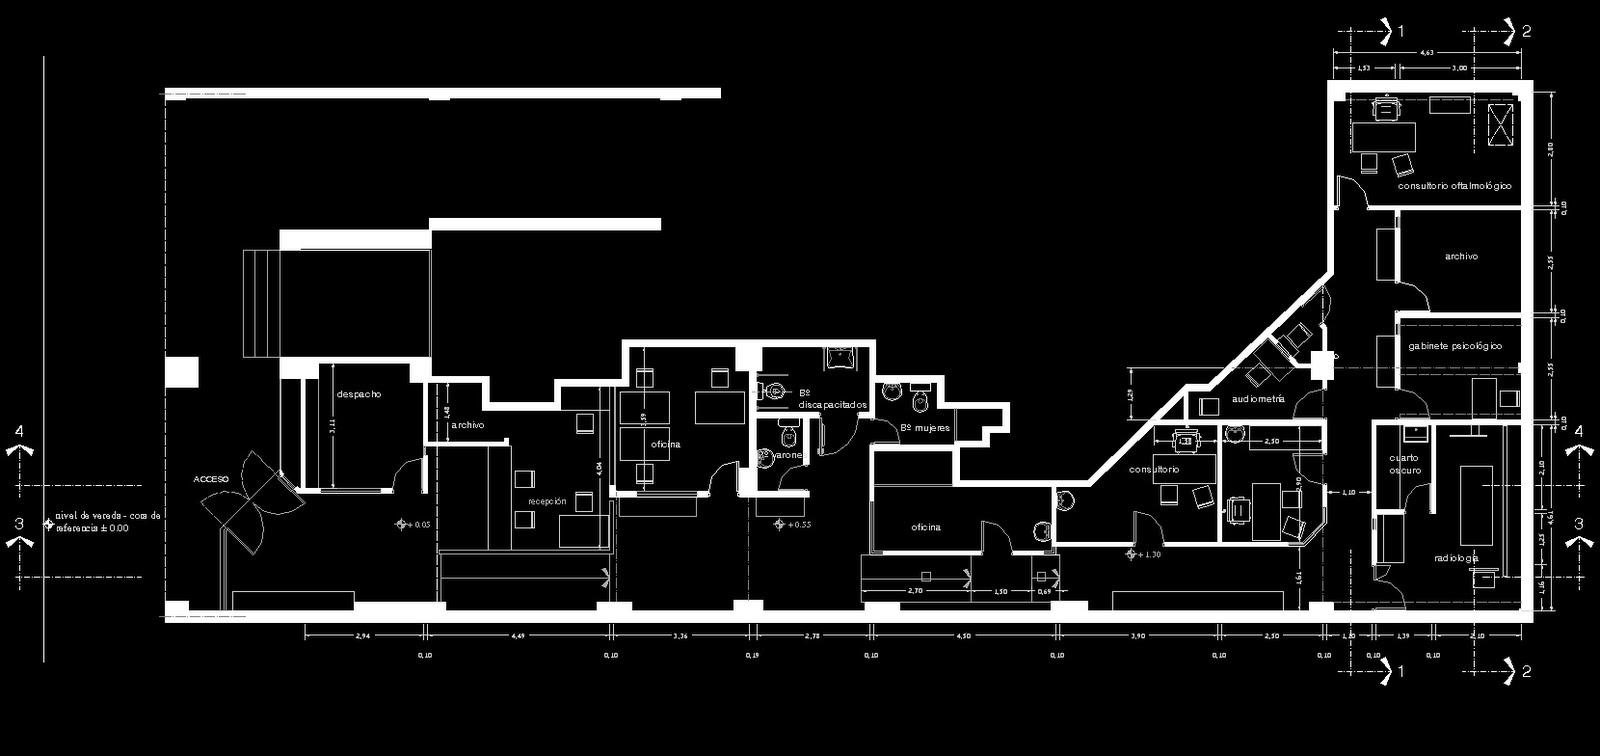 Das haus estudio de arquitectura y dise o cl nica c r e a for Estudio de arquitectura y diseno